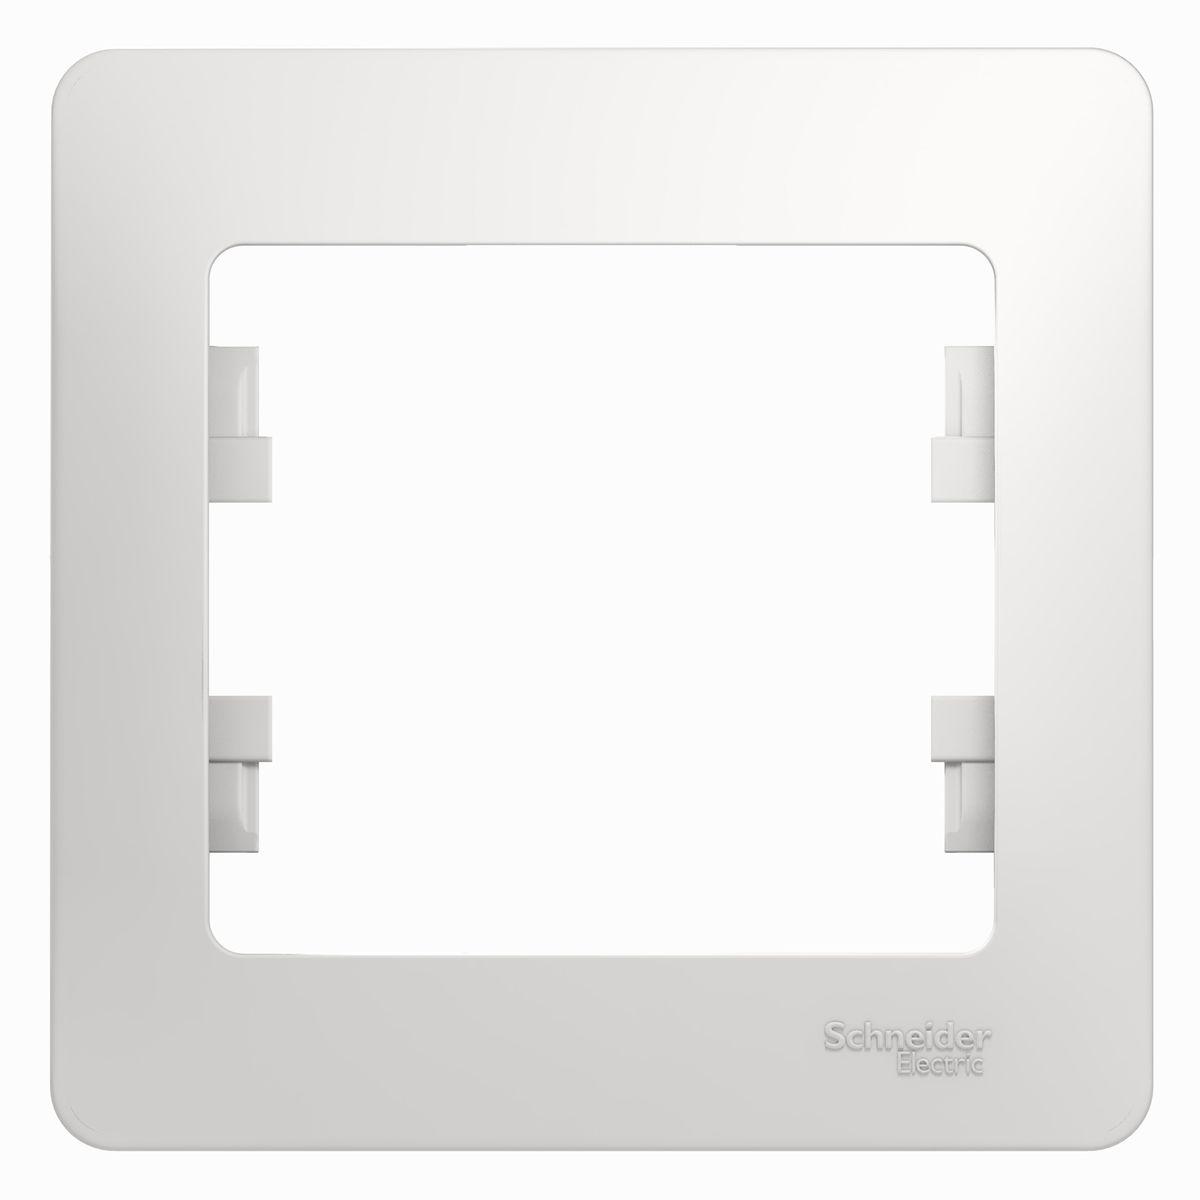 Рамка для встраиваемой розетки Schneider Electric Glossa, на 1 пост, цвет: белыйGSL000101Рамка Schneider Electric Glossa выполнена из пластика и используется для окантовки встраиваемой розетки. Рамка отвечает основным требованиям безопасности и удобства монтажа. Современный дизайн и элегантная цветовая гамма подойдут к любому интерьеру. Размер рамки: 8,5 х 8,5 х 1 см.